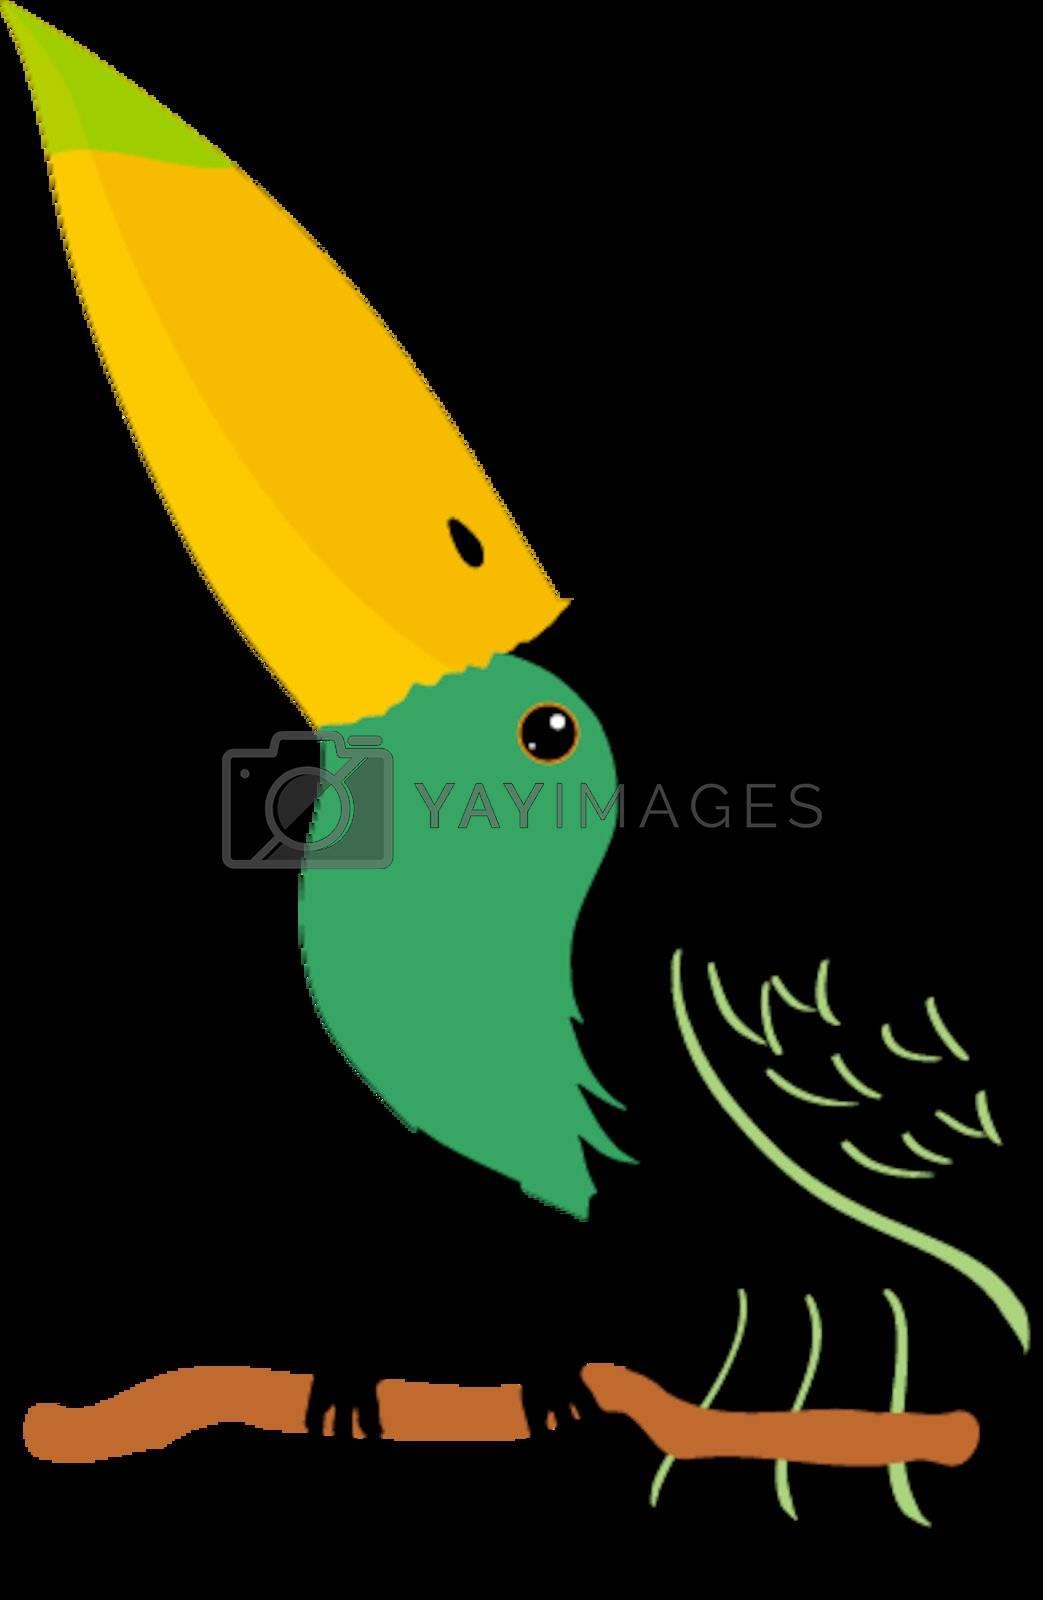 Illustration of cartoon toucan